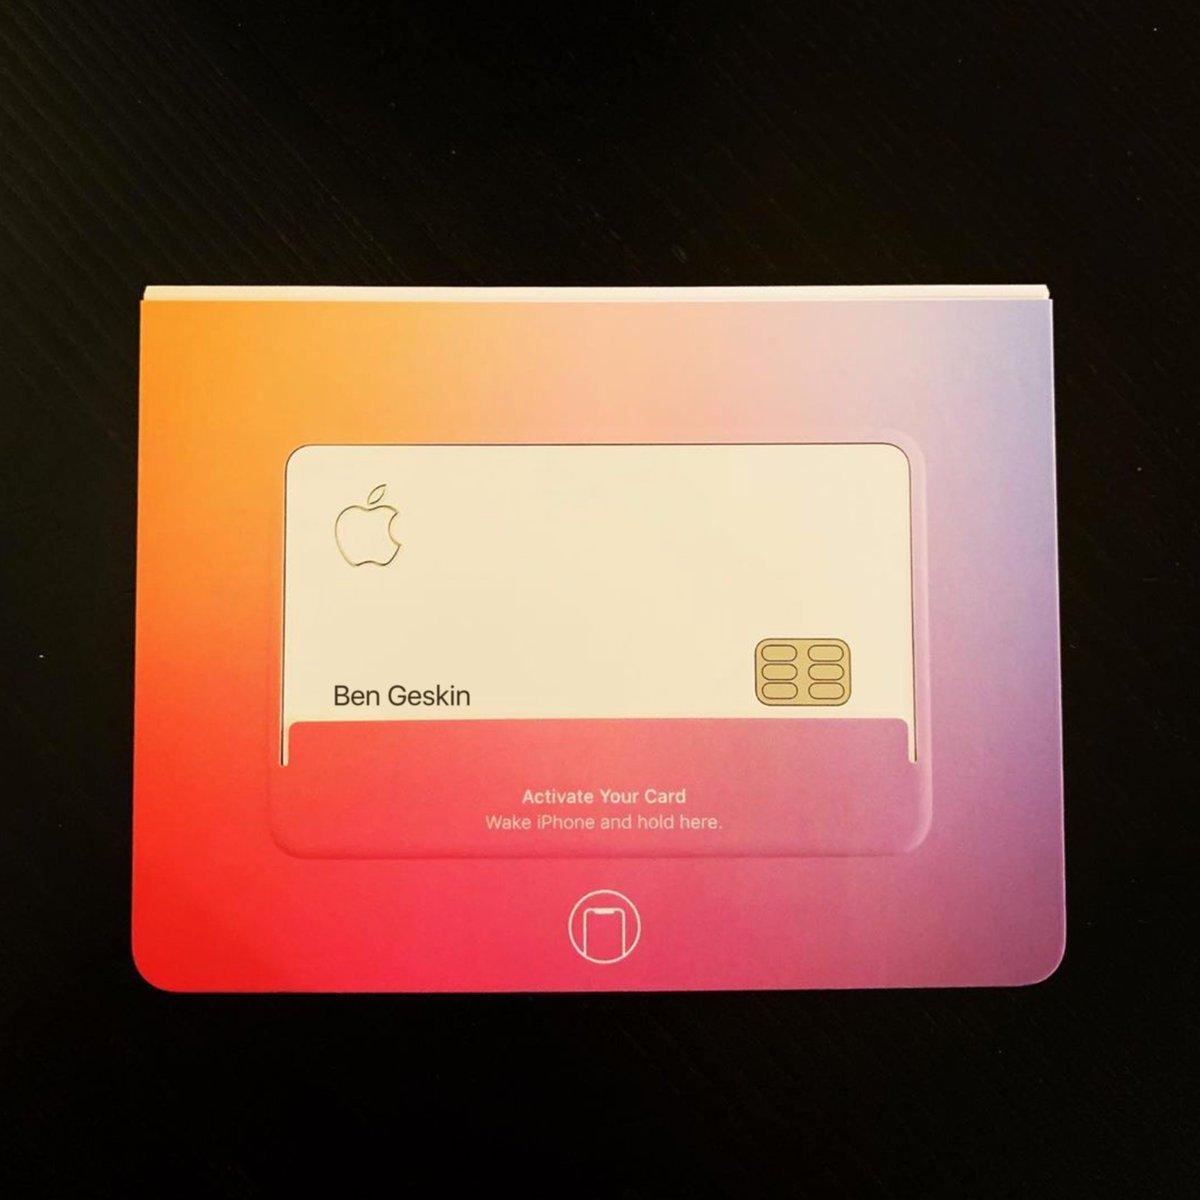 Apple Card Physical Card Photo Img 1